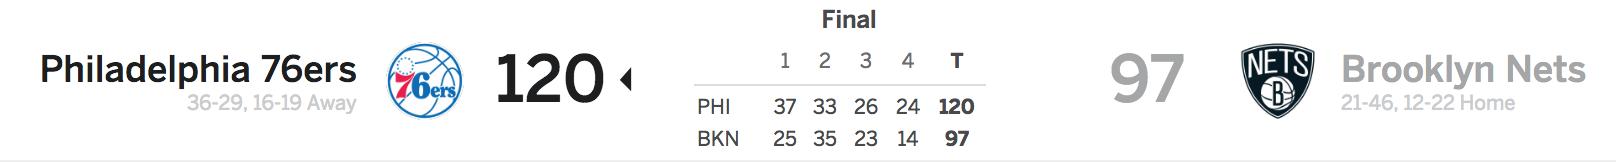 Brooklyn Nets vs Philadelphia 76ers 3-11-18 Score